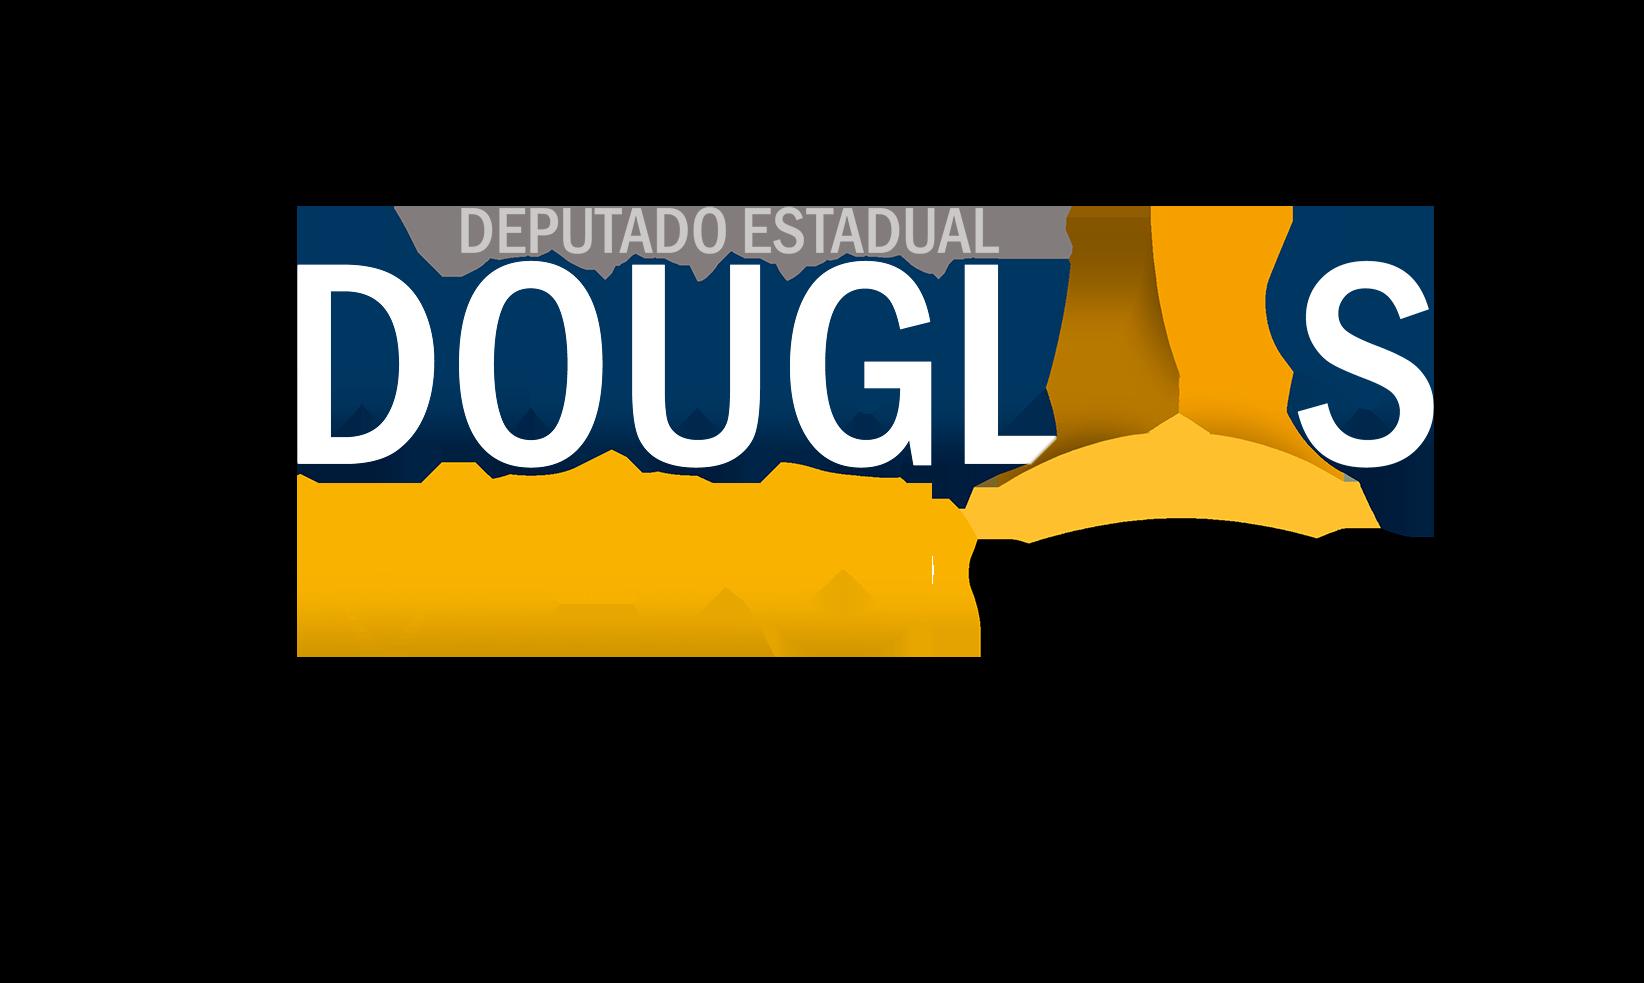 Deputado Douglas Melo